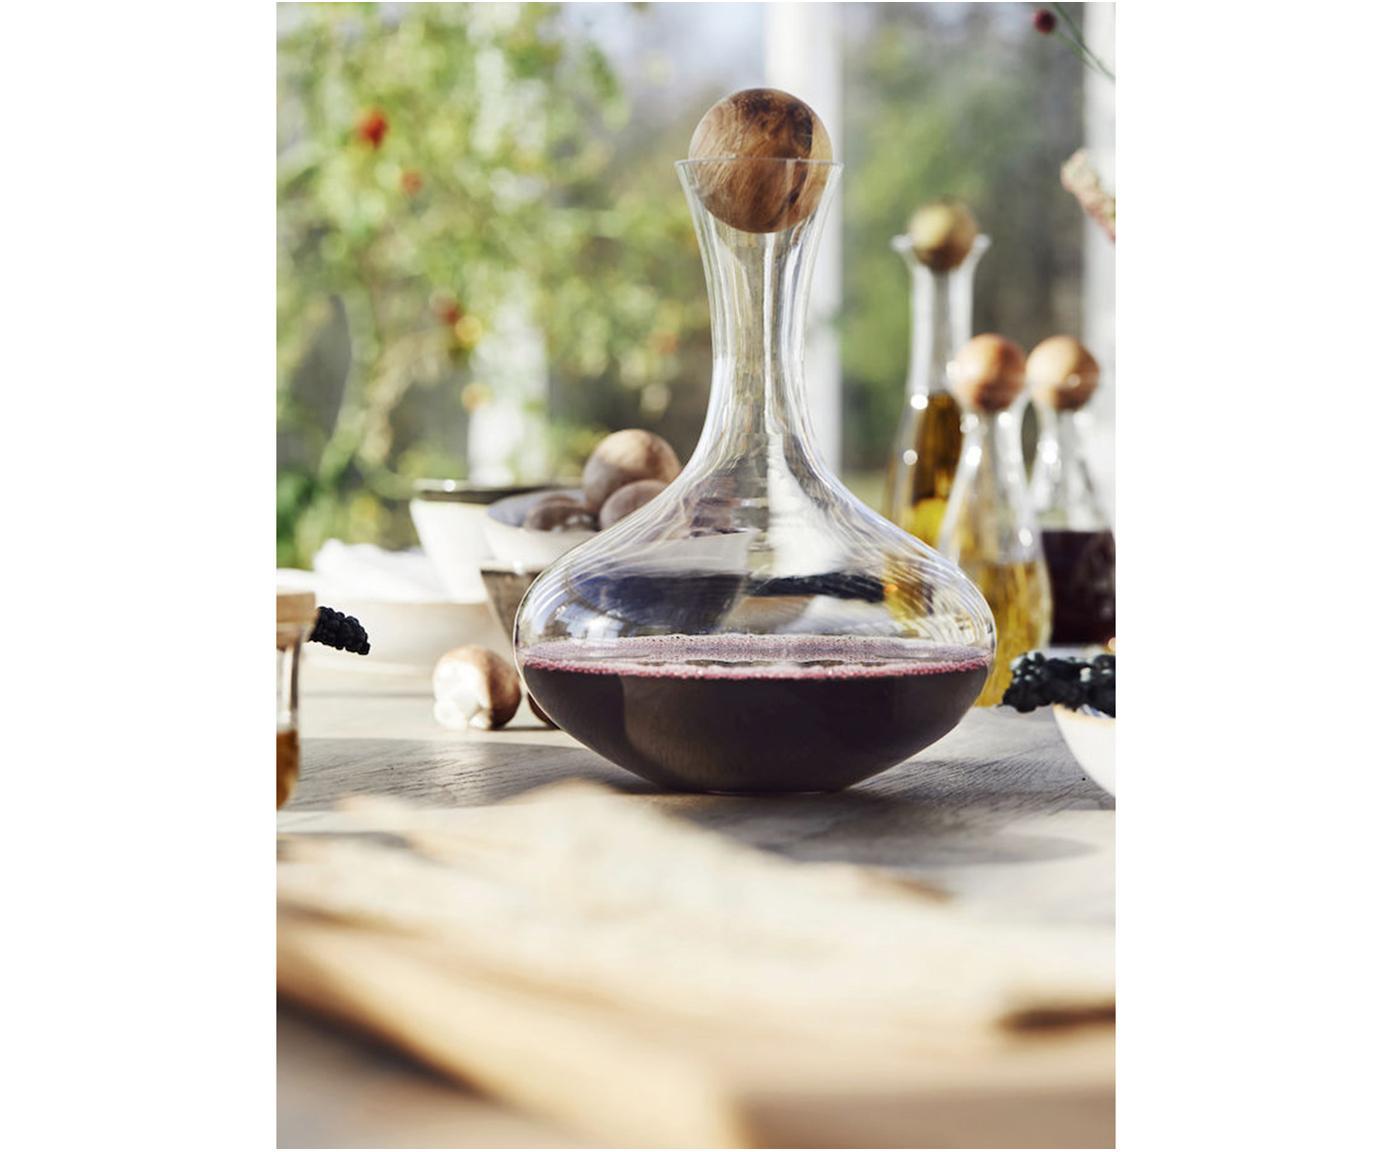 Mundgeblasener Dekanter Eden mit Holzdeckel, Verschluss: Eichenholz, Transparent, Eichenholz, 2 L